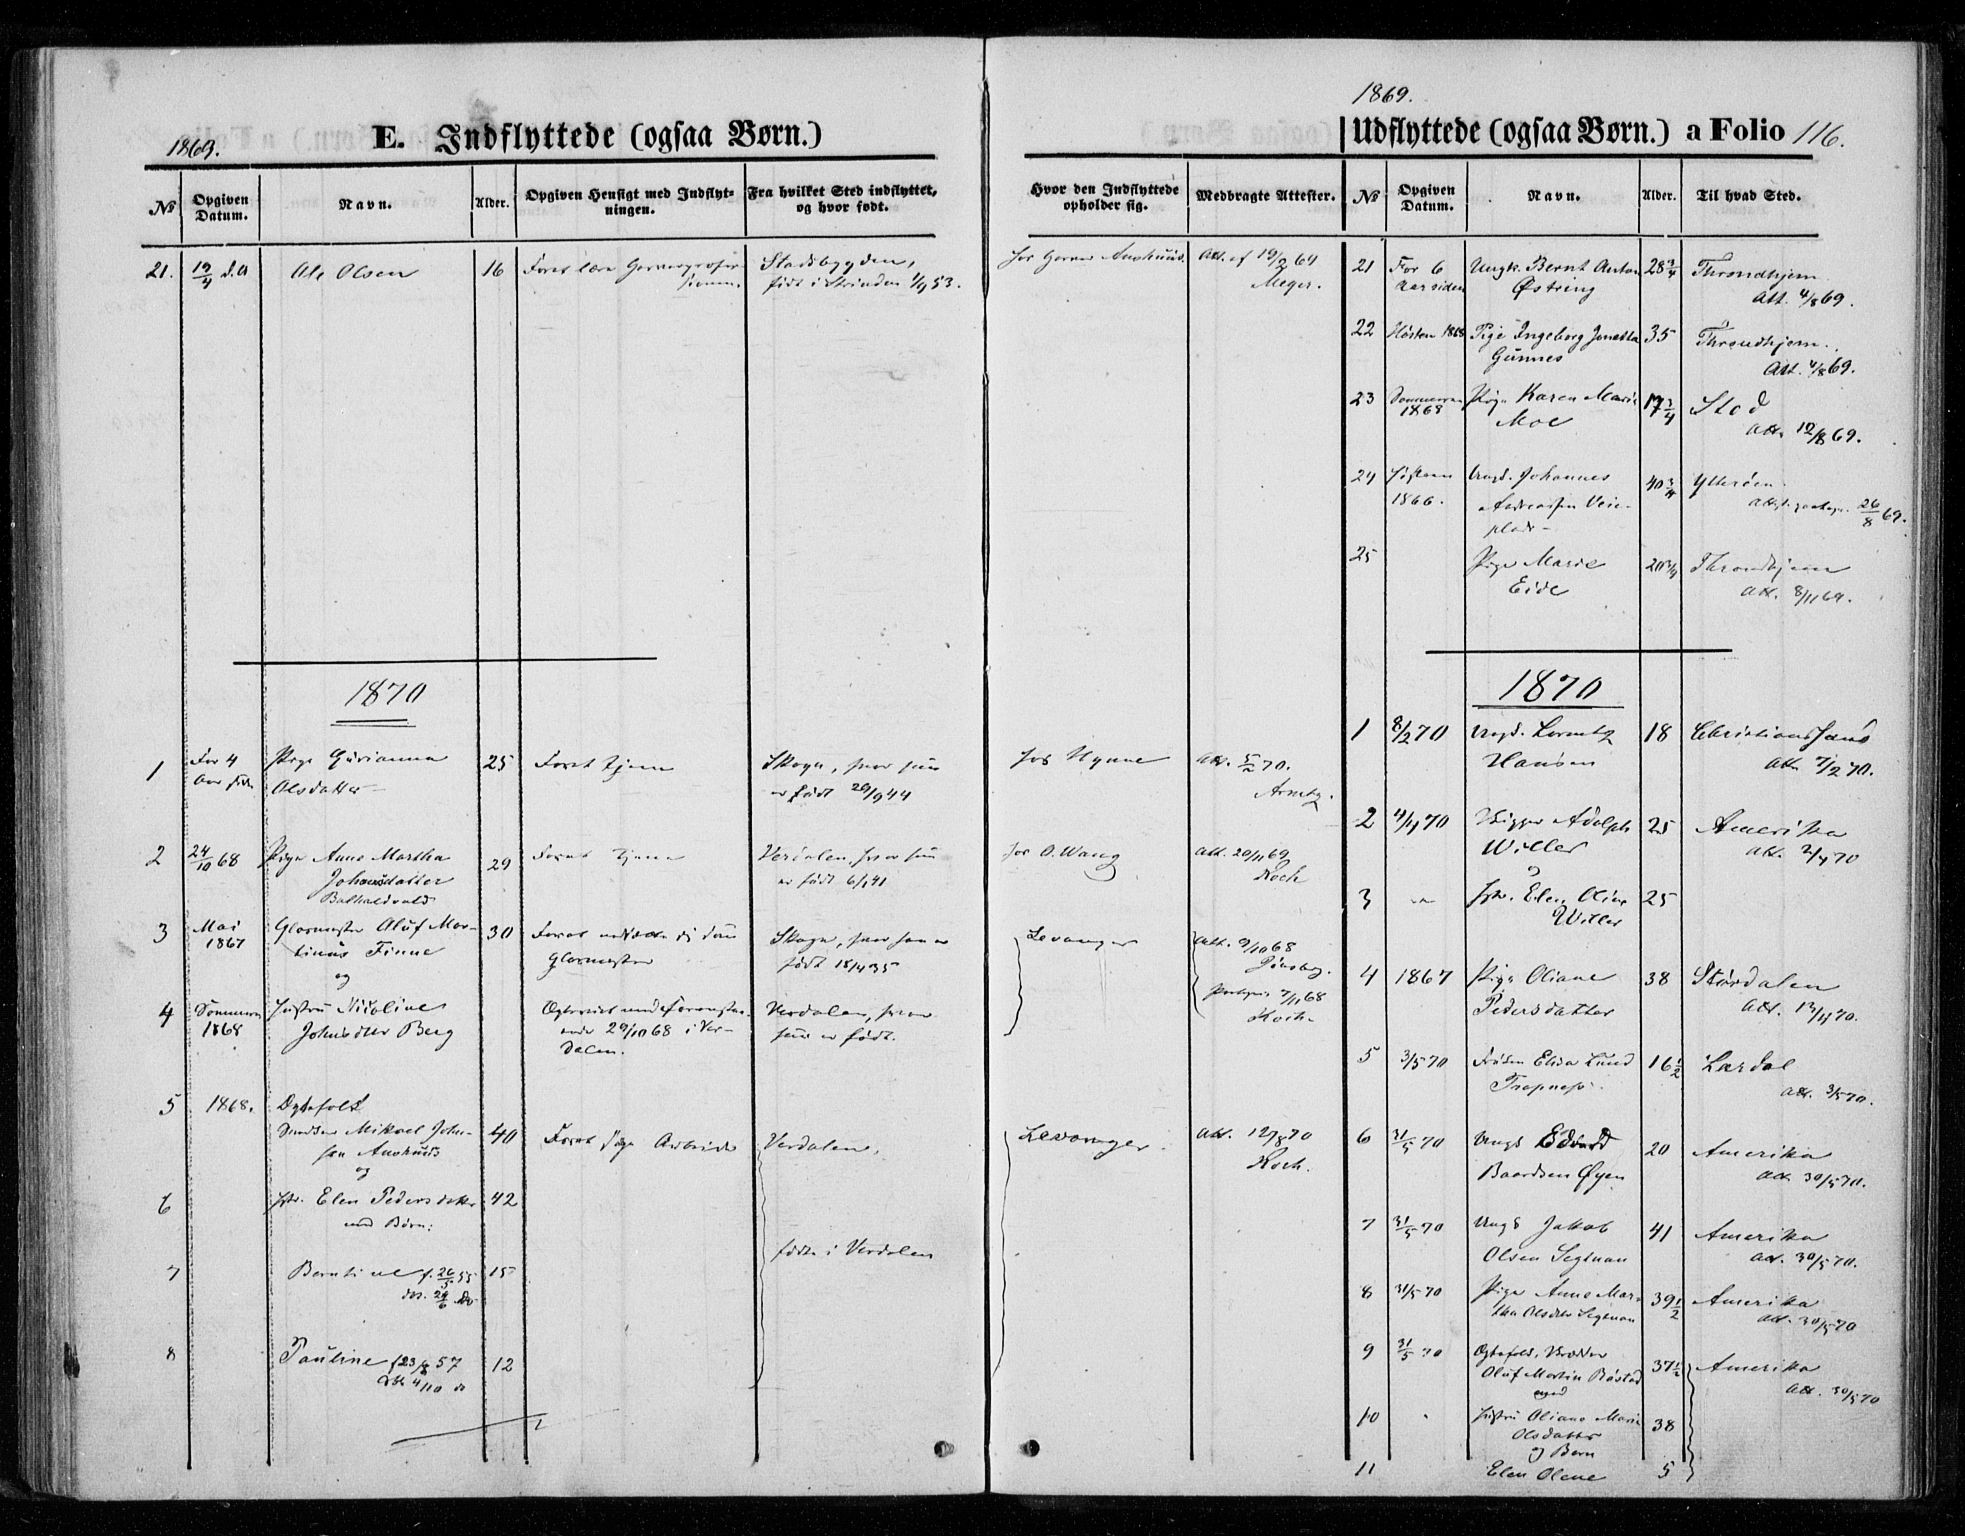 SAT, Ministerialprotokoller, klokkerbøker og fødselsregistre - Nord-Trøndelag, 720/L0186: Ministerialbok nr. 720A03, 1864-1874, s. 116